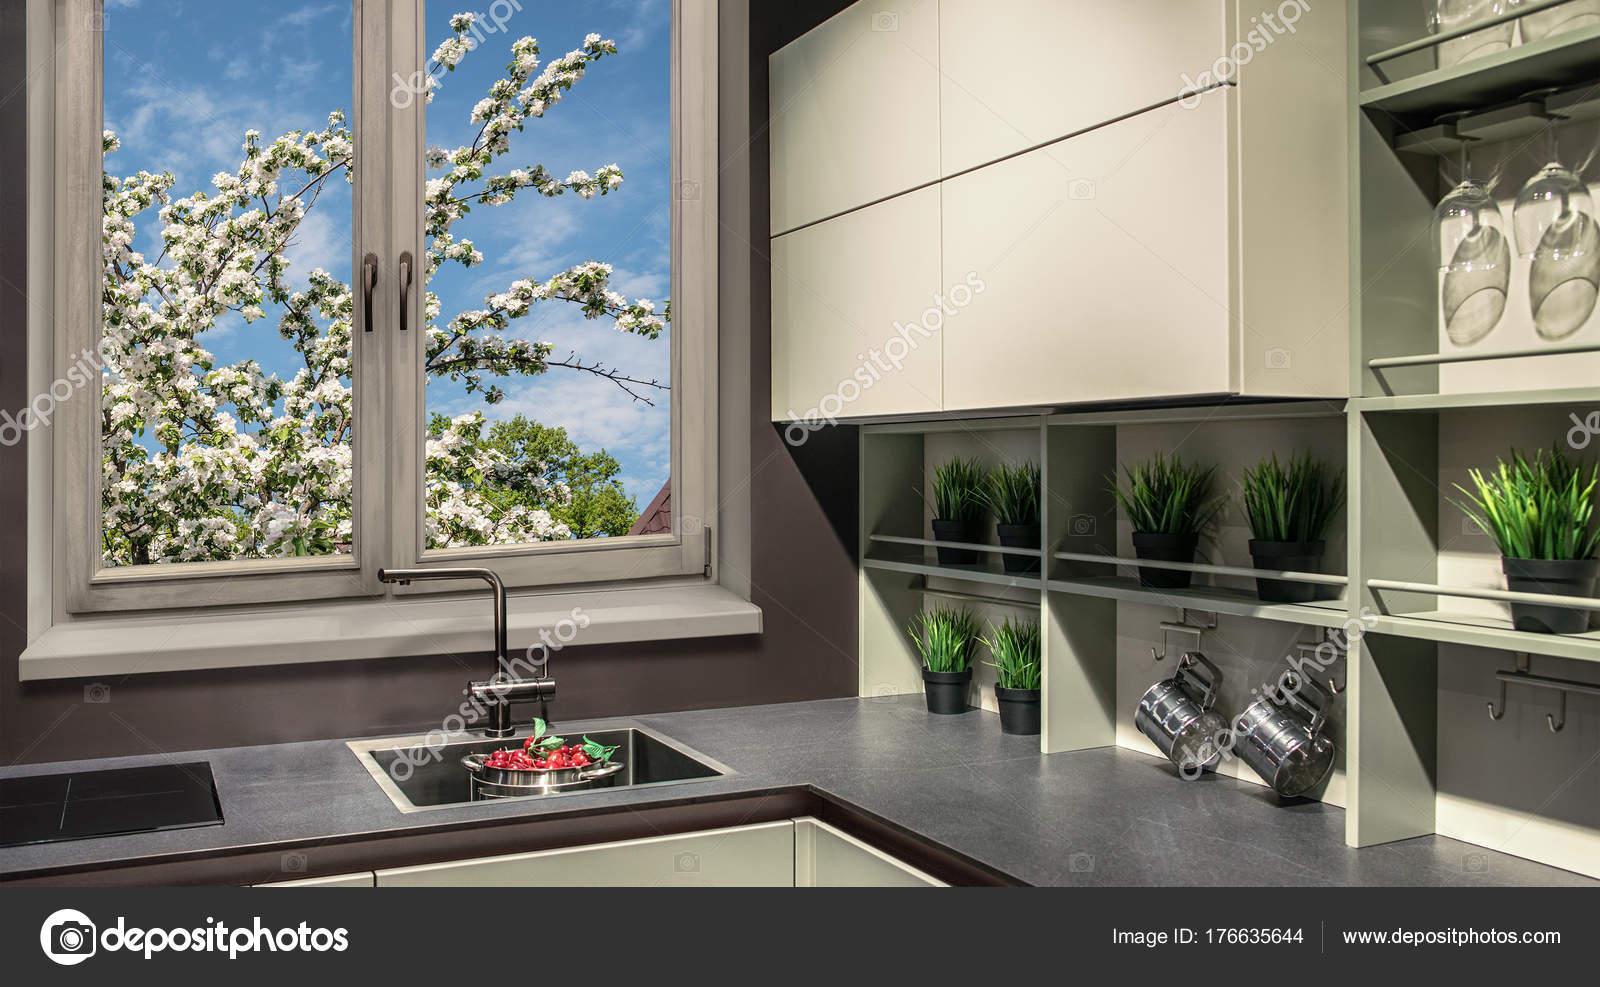 Meubles de cuisine moderne dans le style de salut-technologie ...